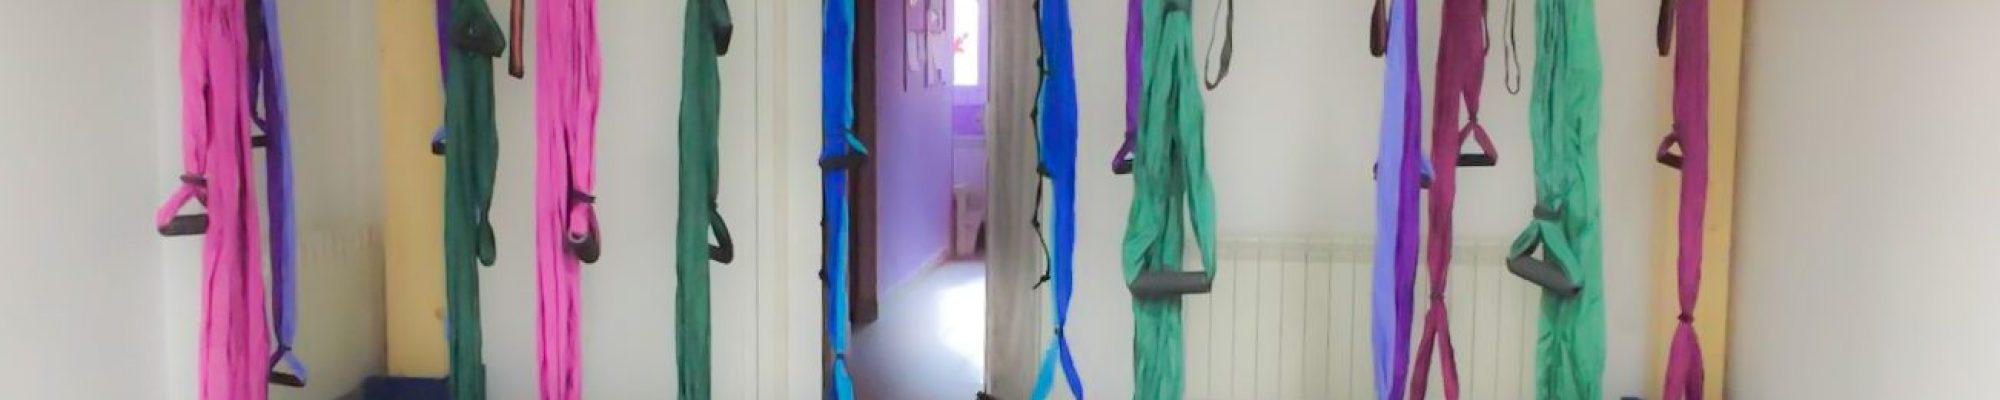 zahir escuela danza baile conciencia corporal avila aeroyoga aeropilates